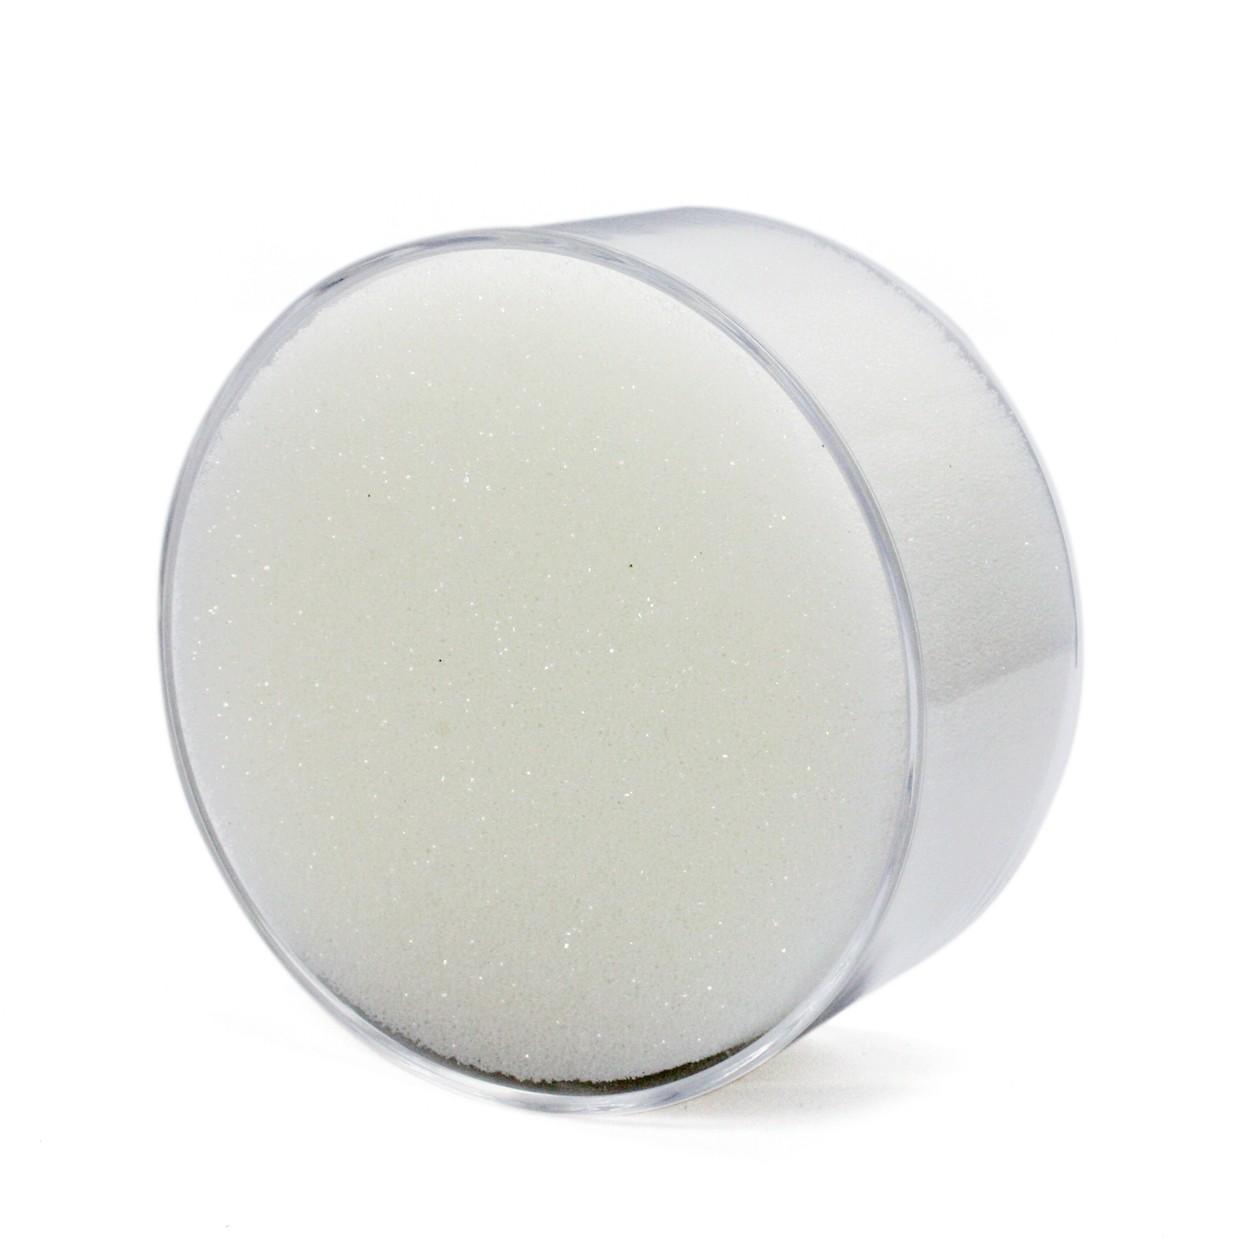 得力9102 海绵缸 湿手器 粘手器 粘手缸 泡沫缸沾水器点钞润手器办公文具用品